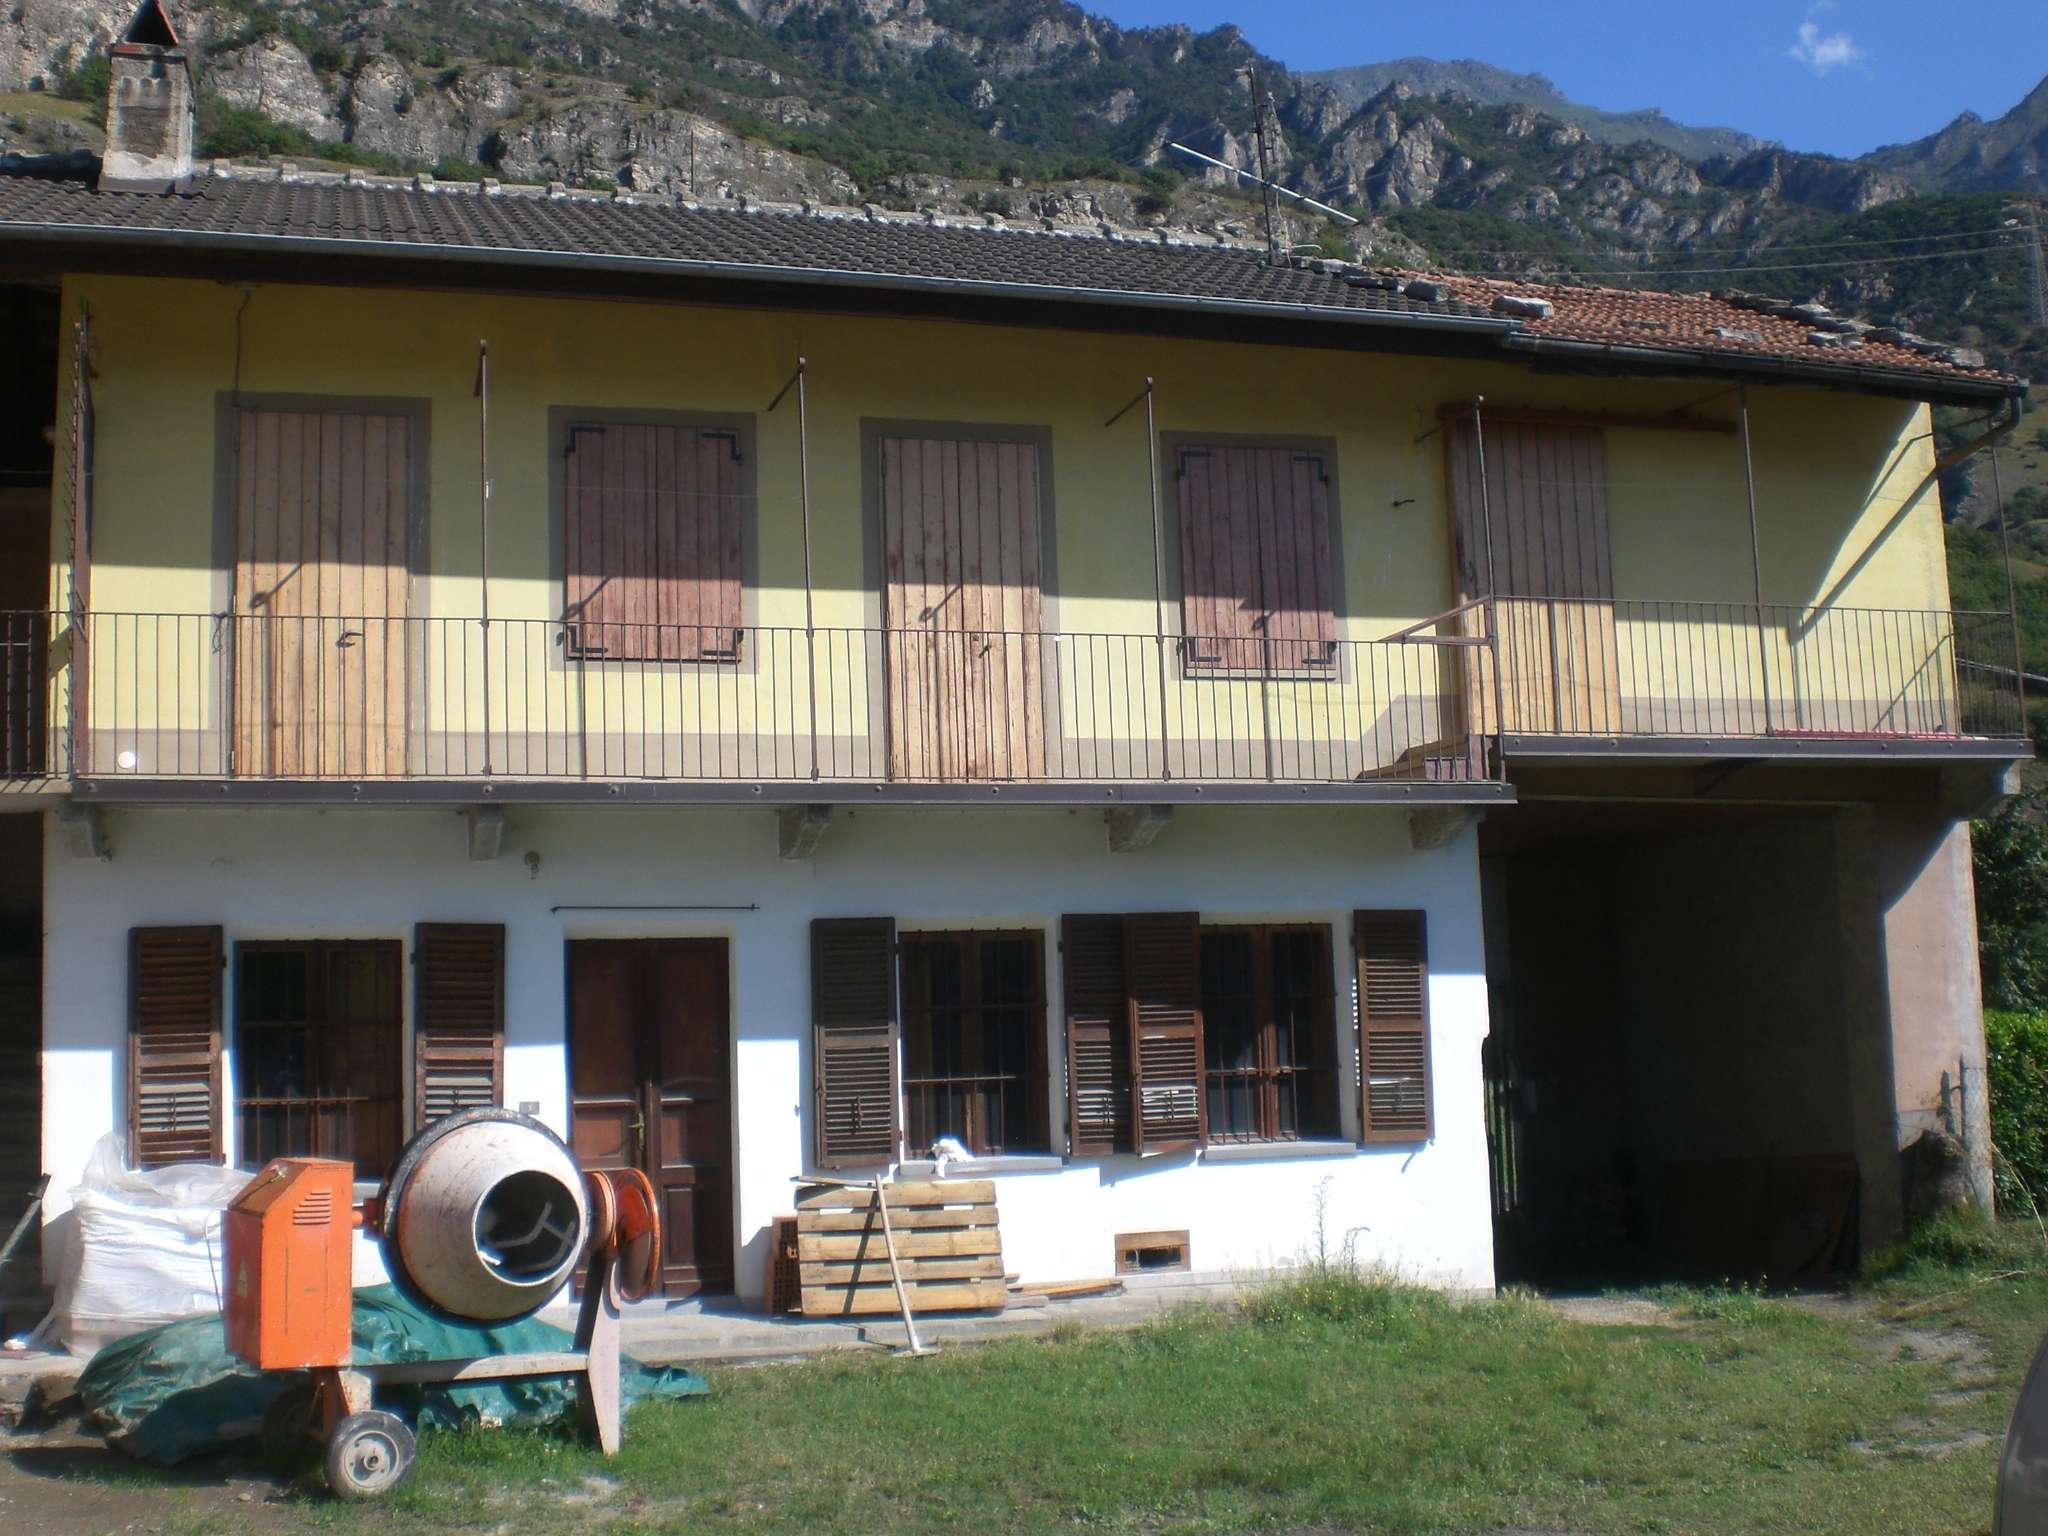 Appartamento in vendita a Bussoleno, 9999 locali, prezzo € 32.000 | PortaleAgenzieImmobiliari.it